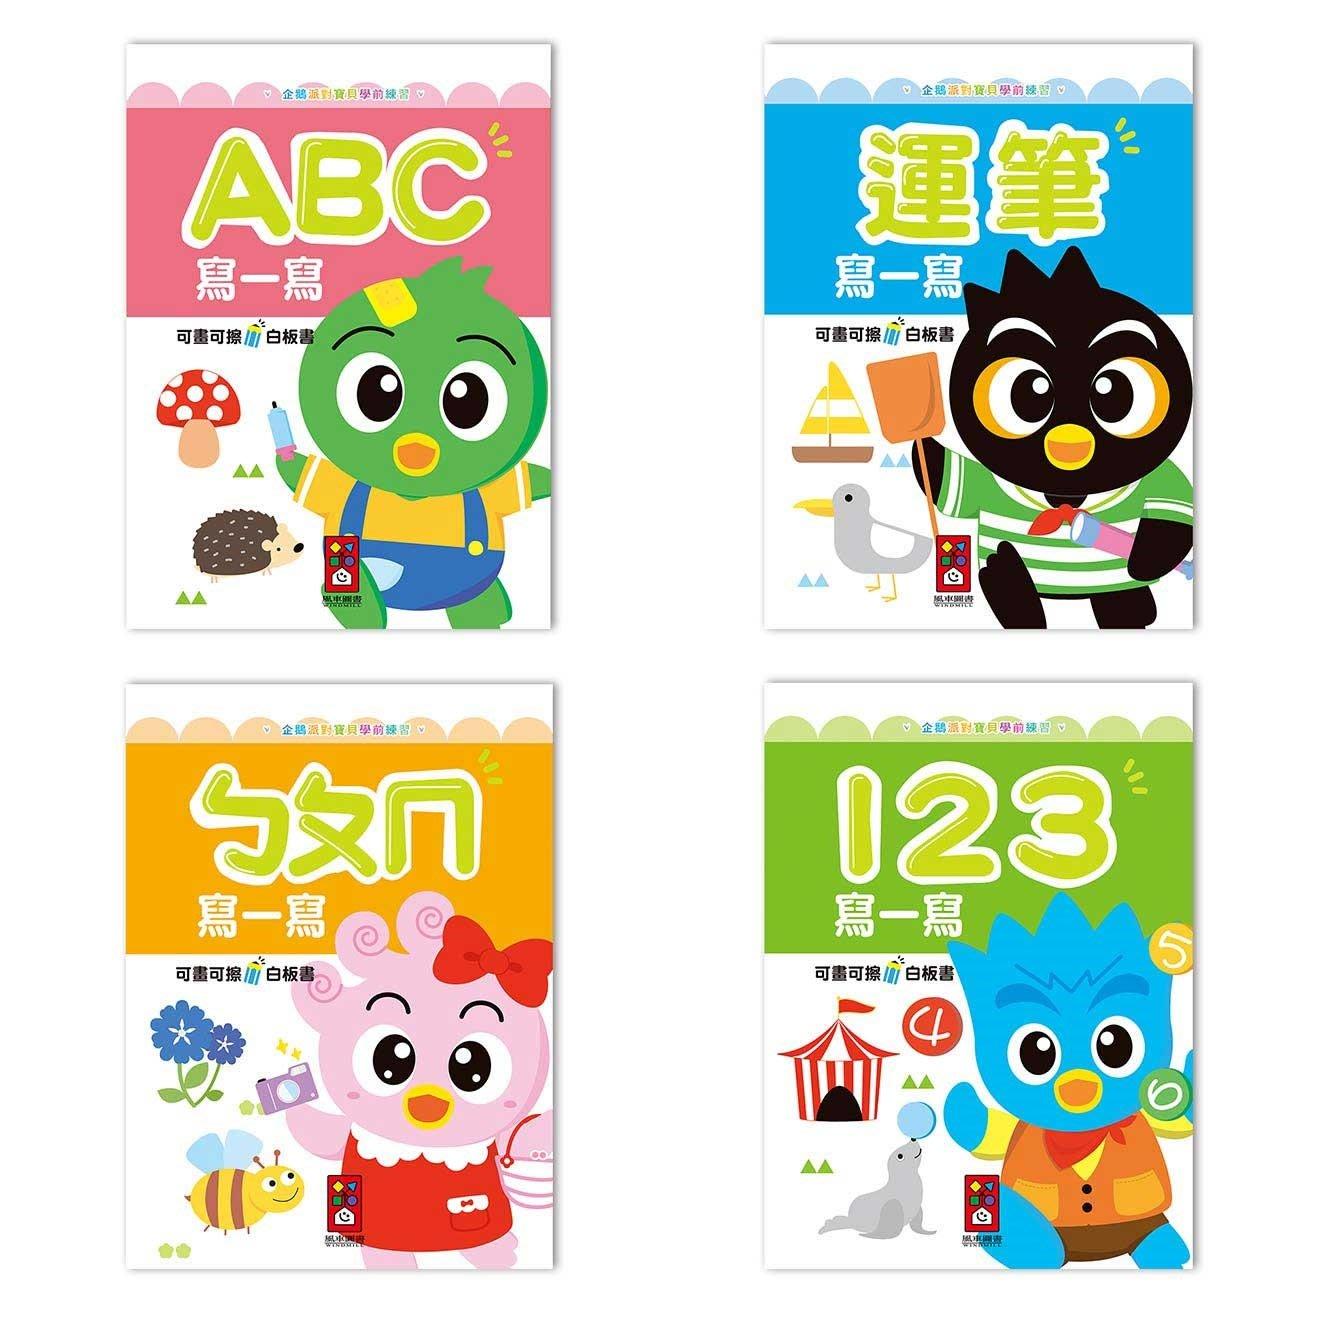 §媽咪最愛可刷卡§《風車》企鵝派對寶貝學前練習-ABC/運筆/ㄅㄆㄇ/123寫一寫